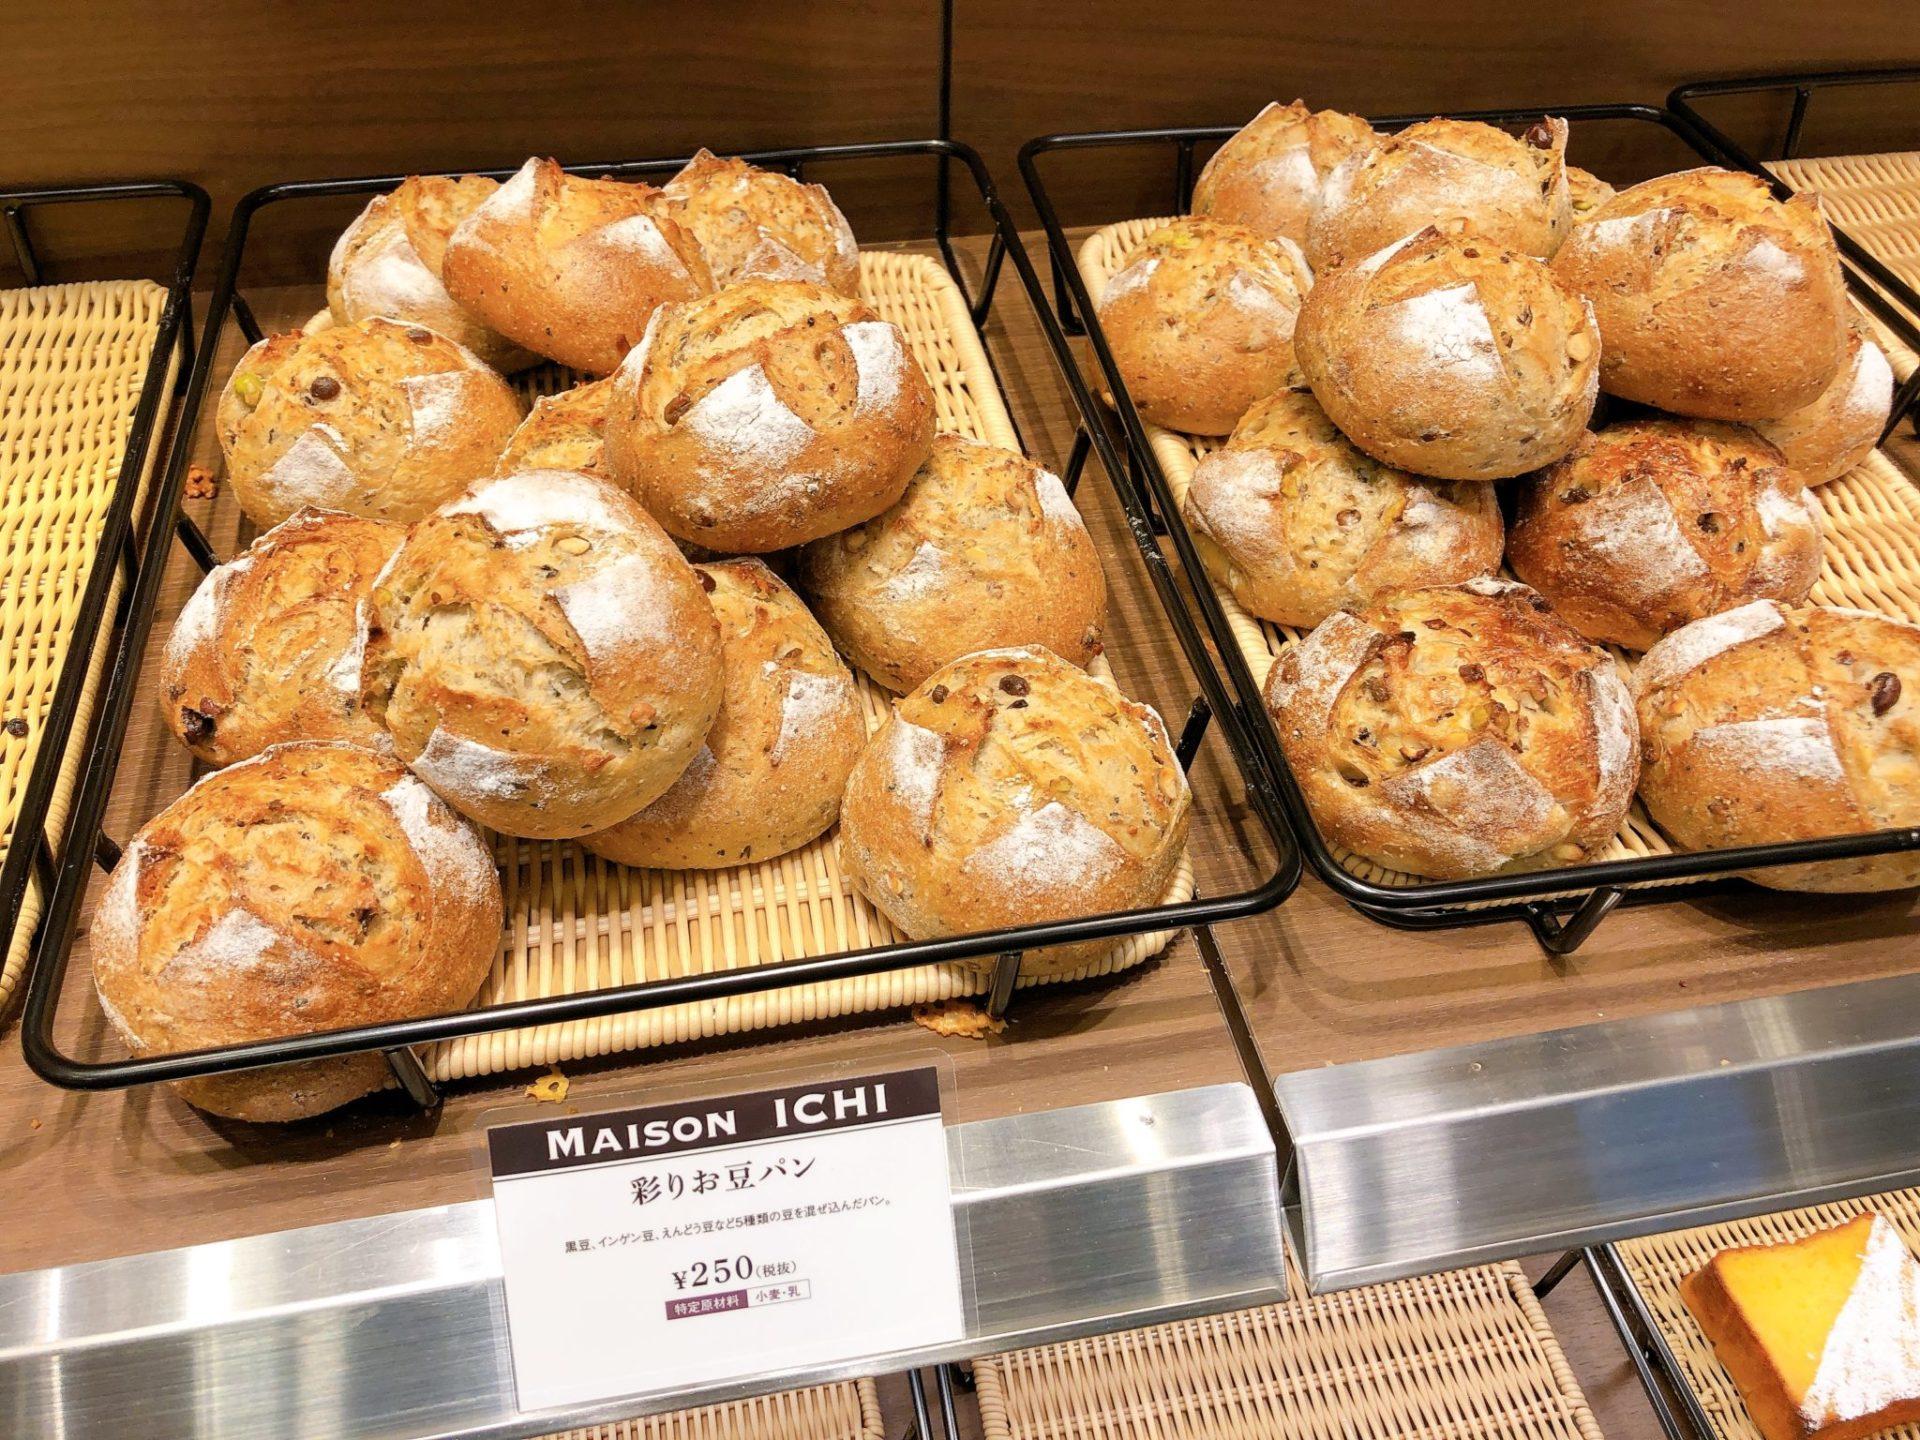 メゾン・イチ経堂店のパンメニュー